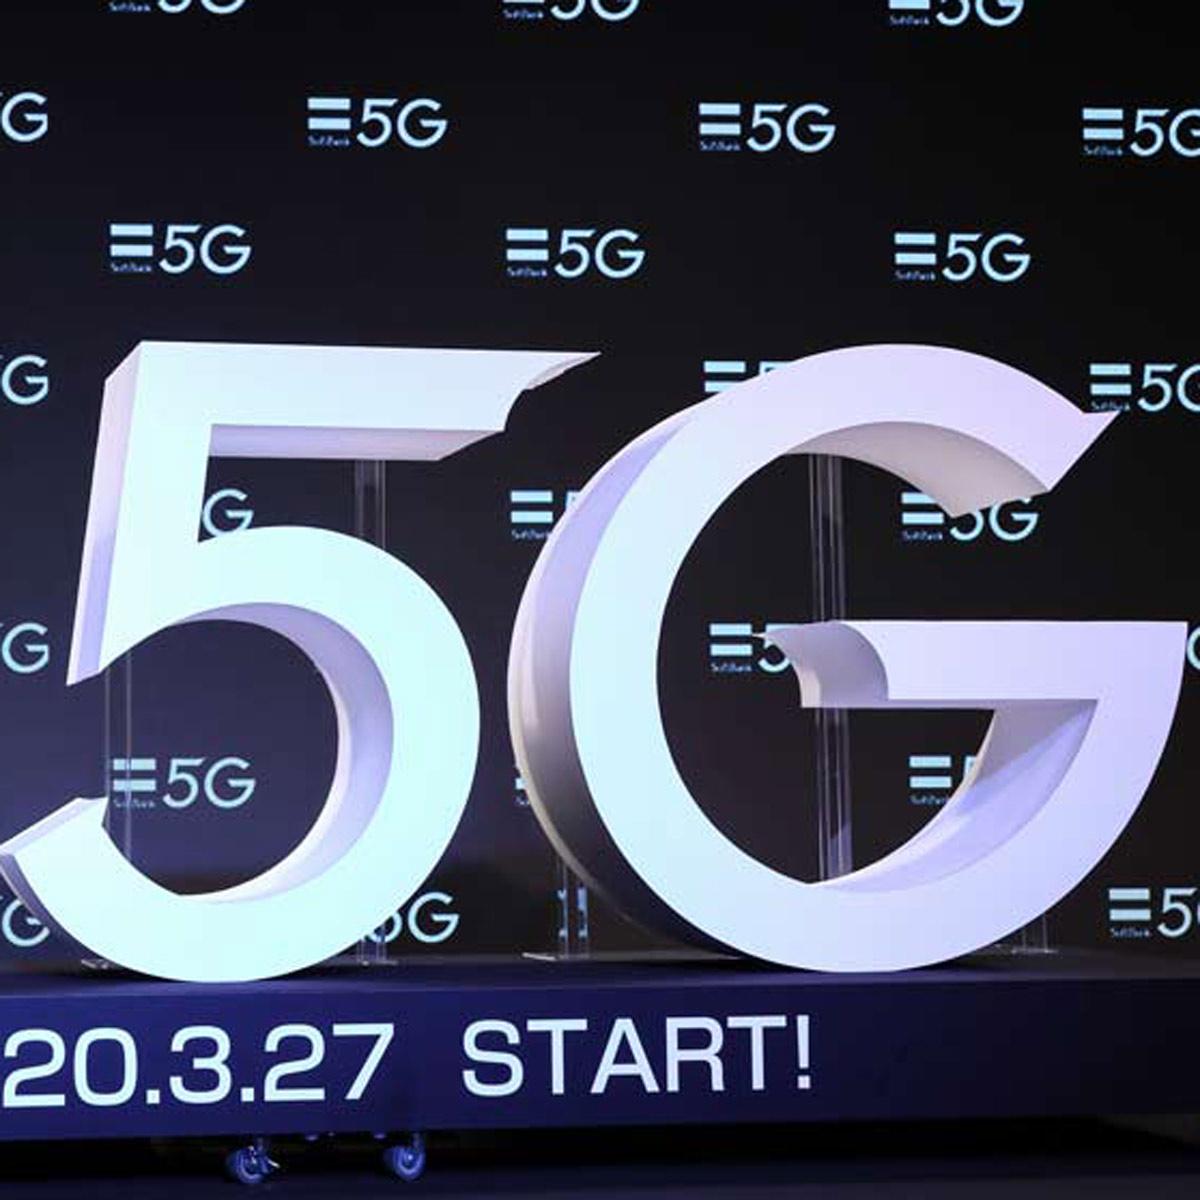 【動画】5Gはどれほど速い!? 5Gスピードテスト(ソフトバンク編)